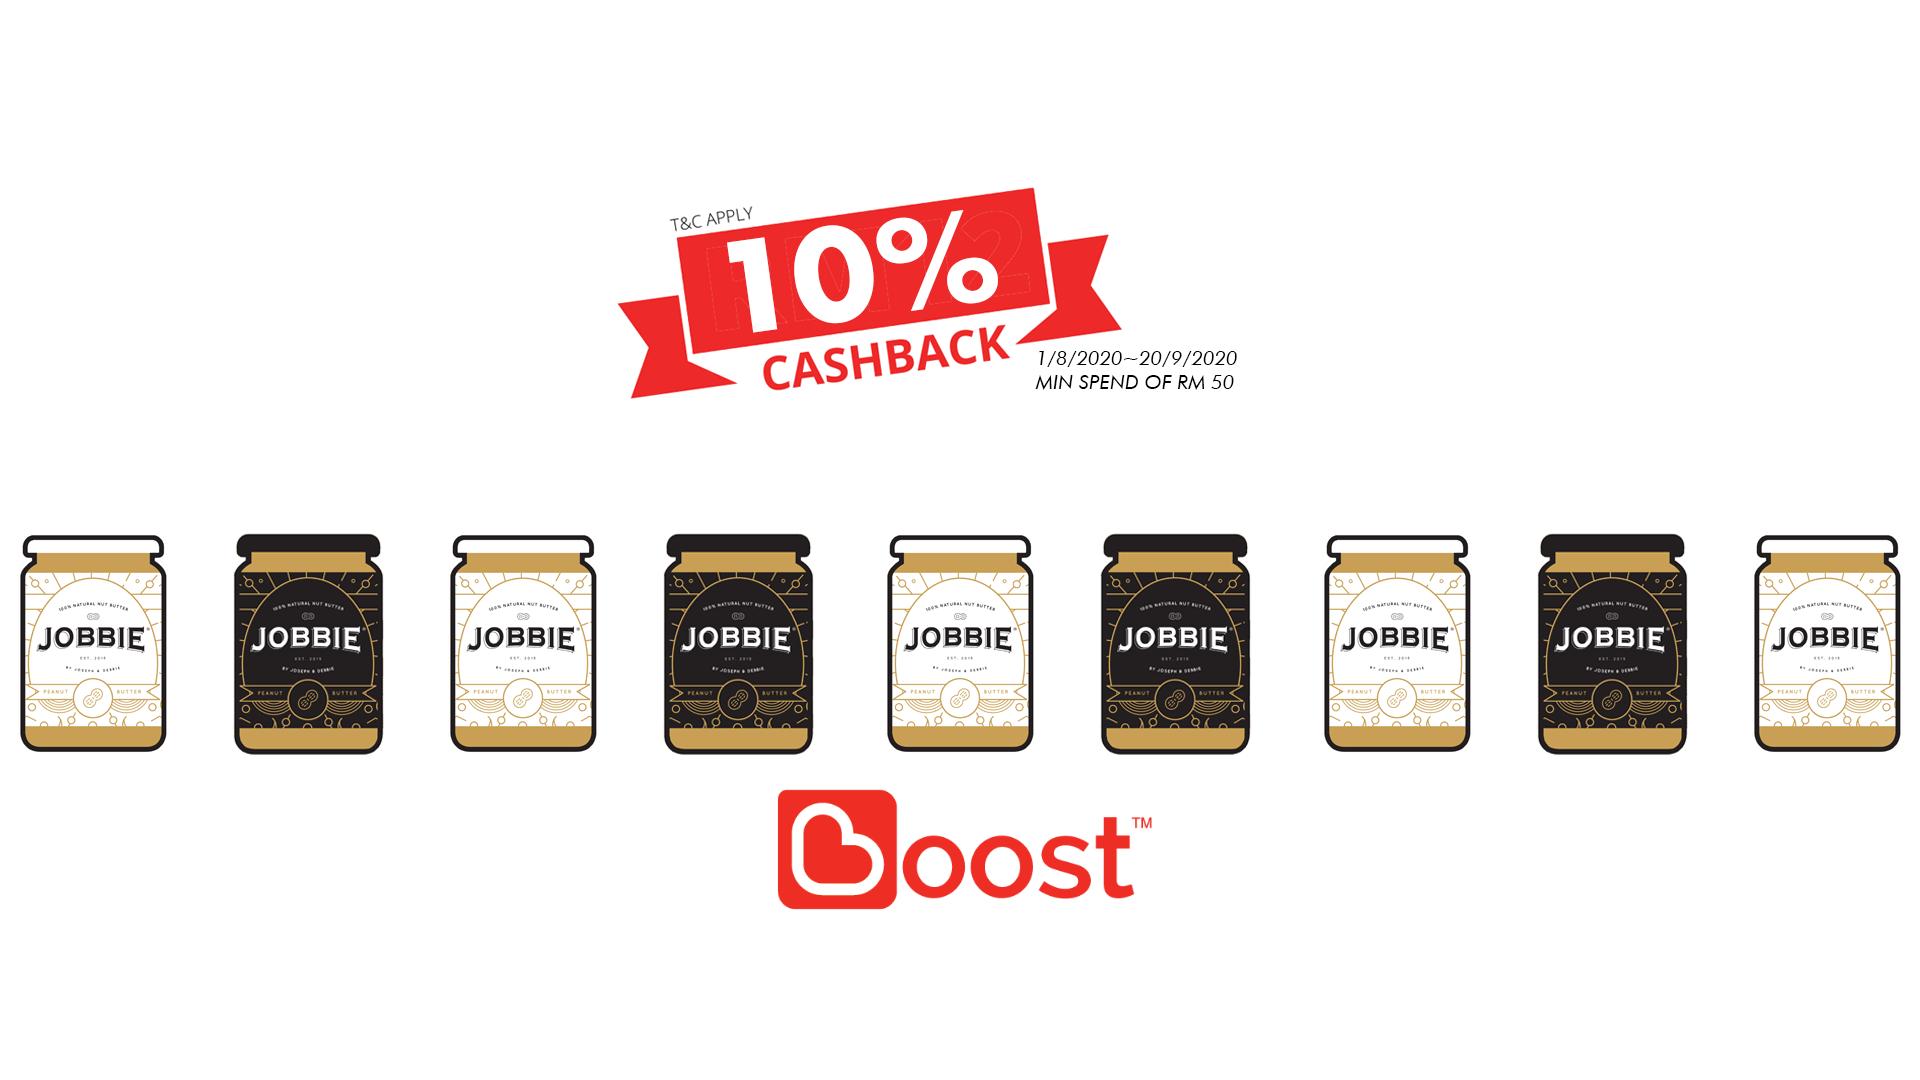 JOBBIE NUT BUTTER - Get natural peanut butter delivered to your doorstep | 10% Cashback